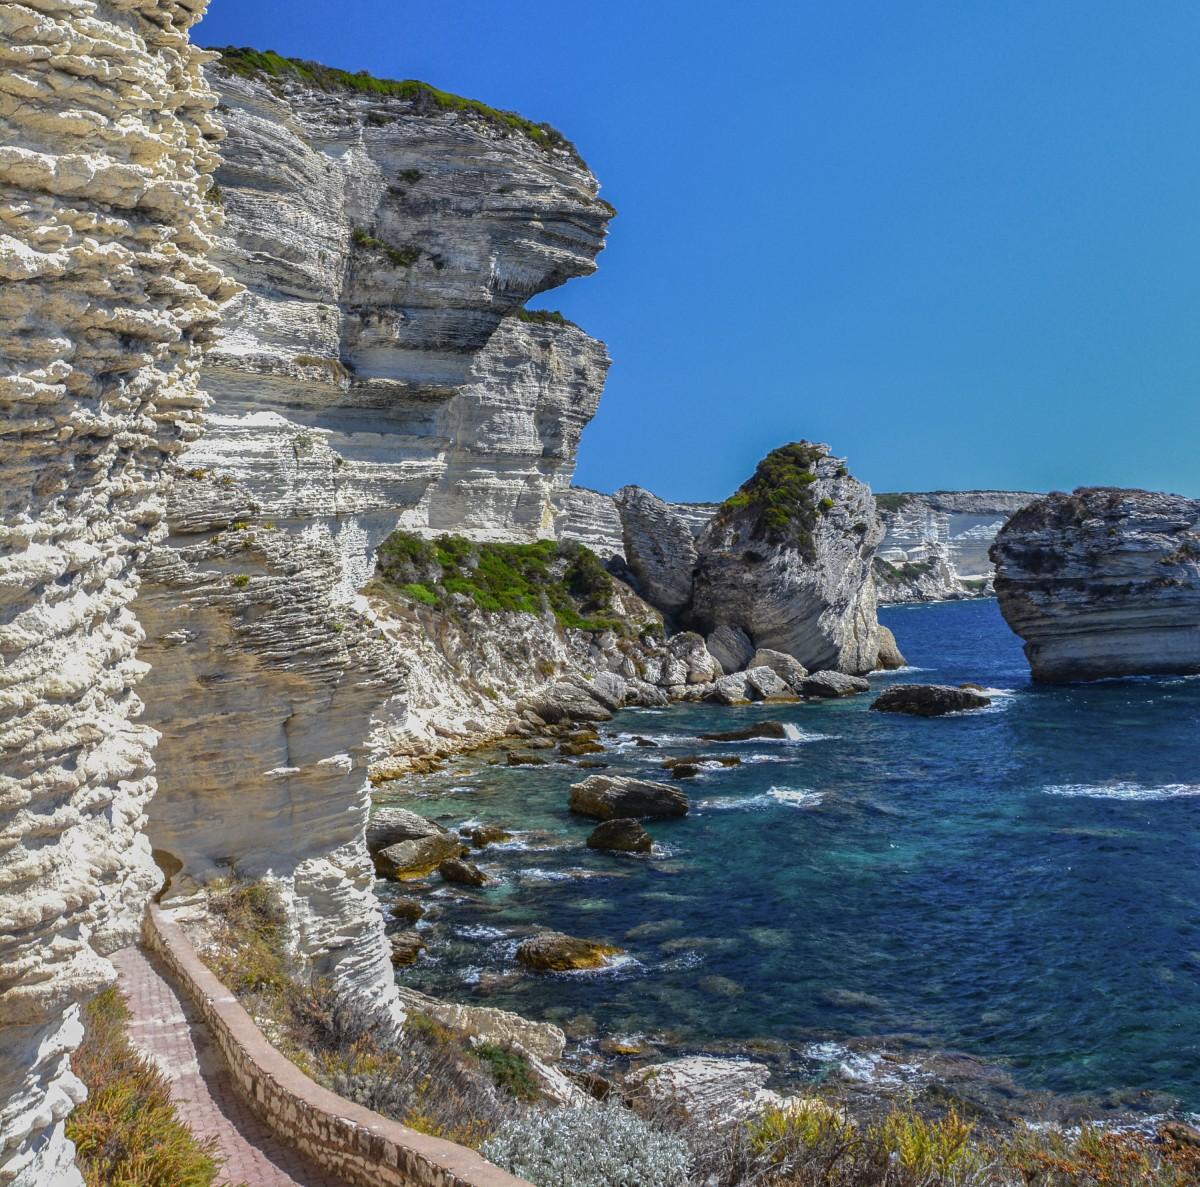 Zdjęcia: Bonifacio, Korsyka, Bonifacio, FRANCJA